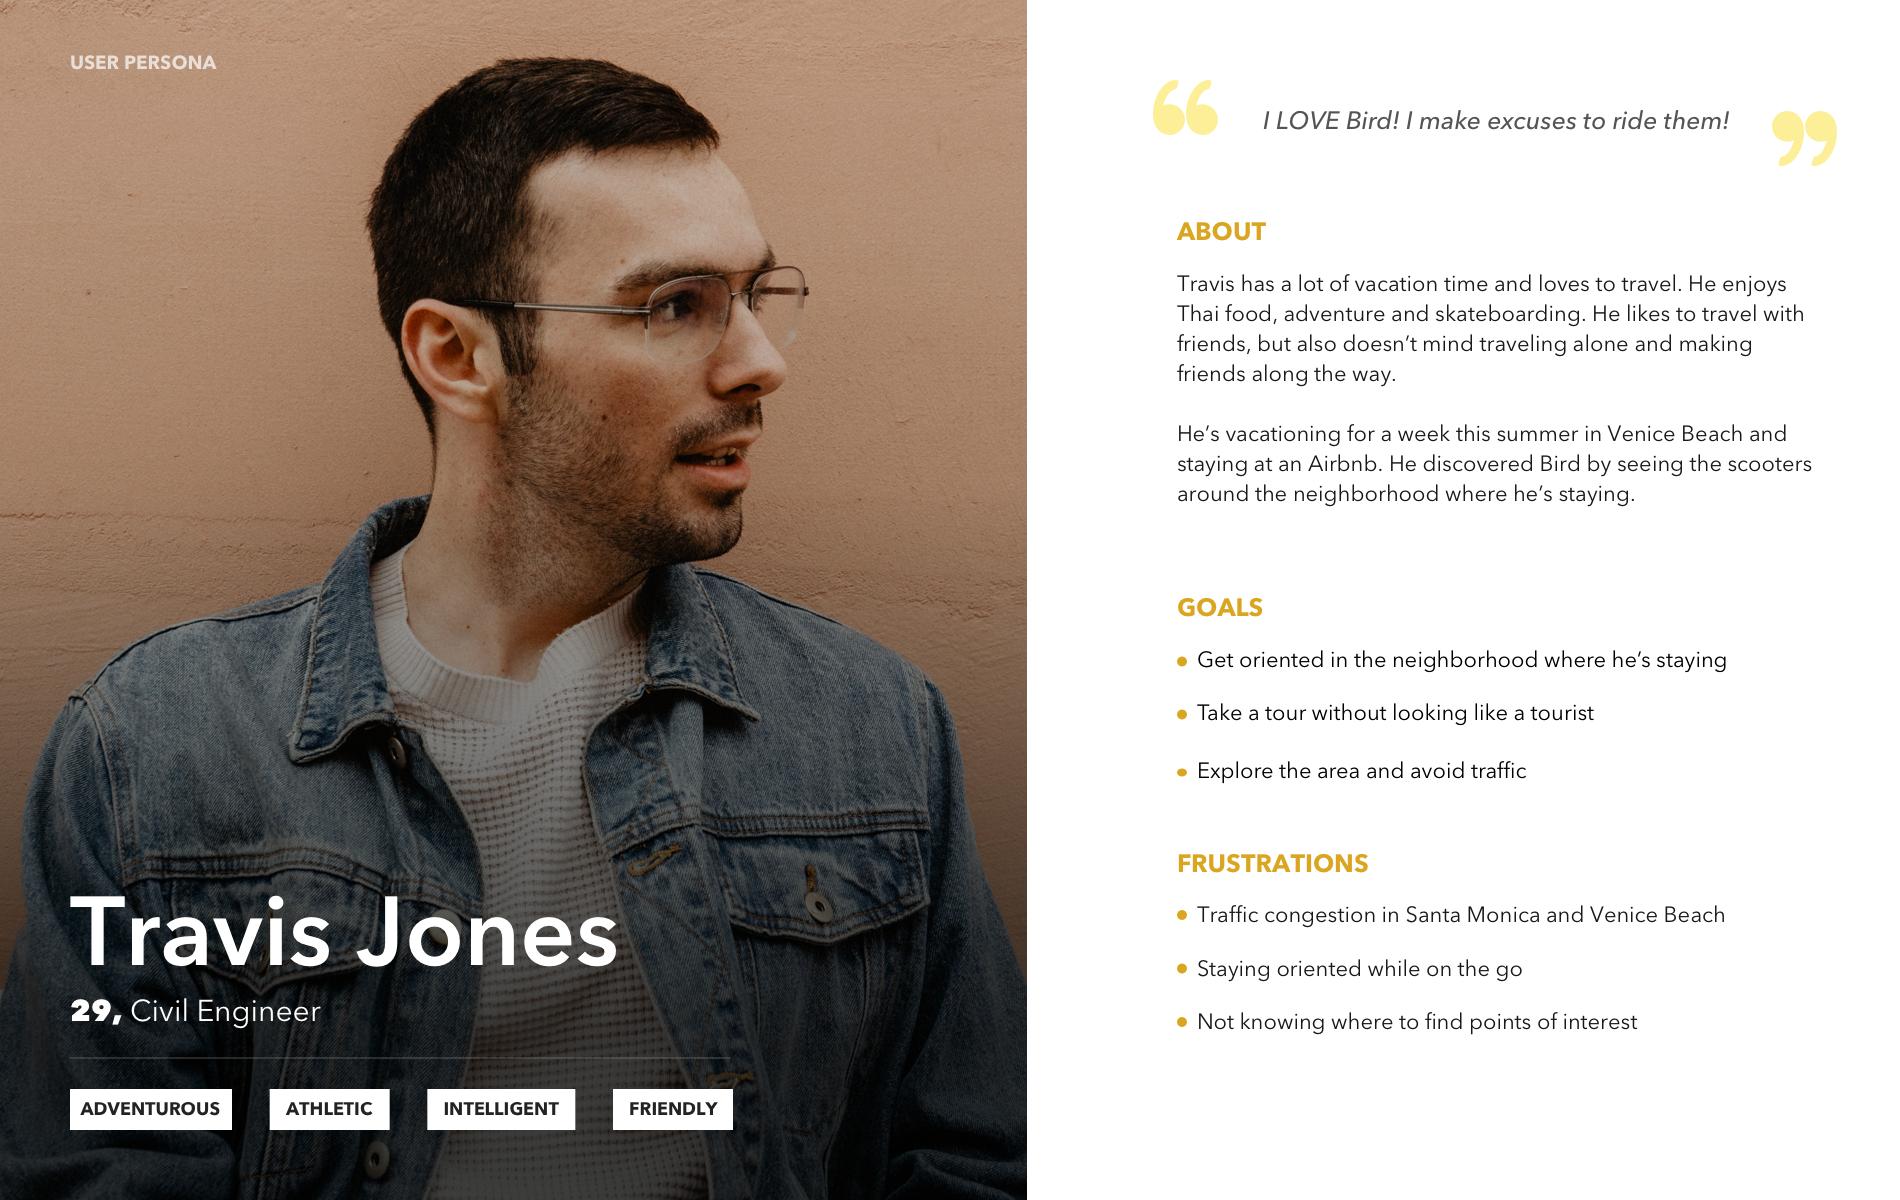 User persona for Travis Jones